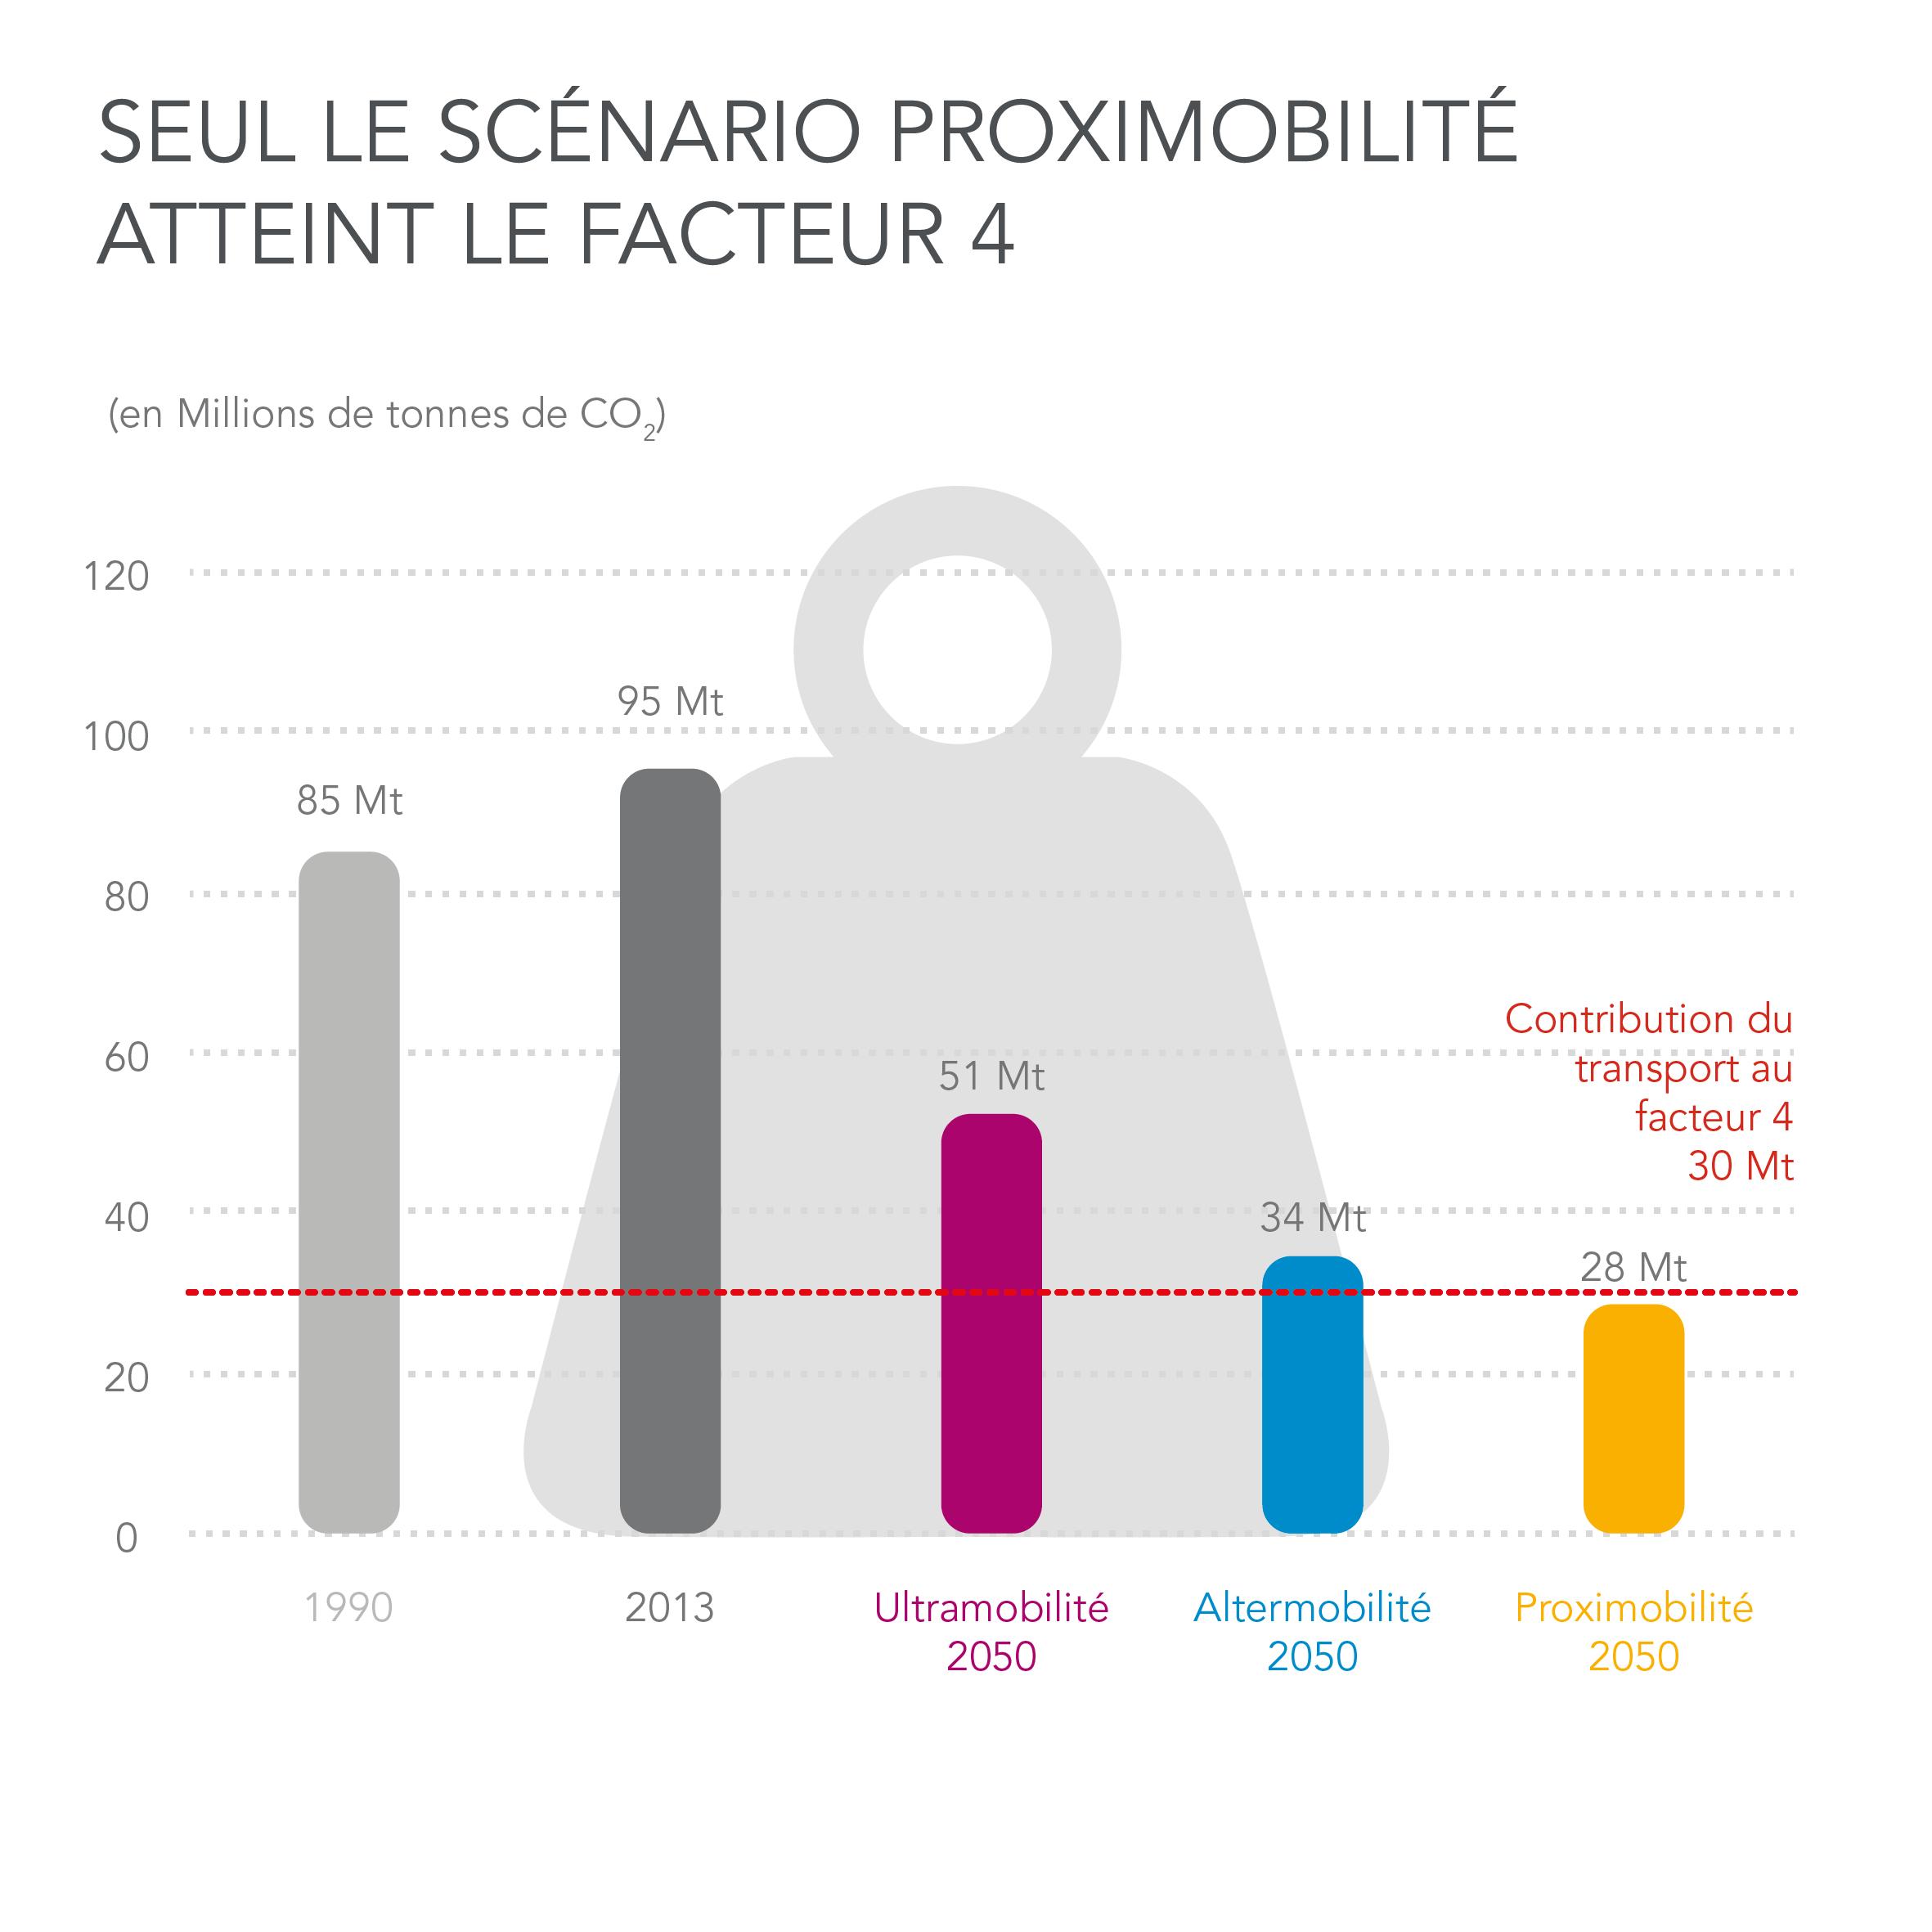 infographie réalisée par Kamisphere